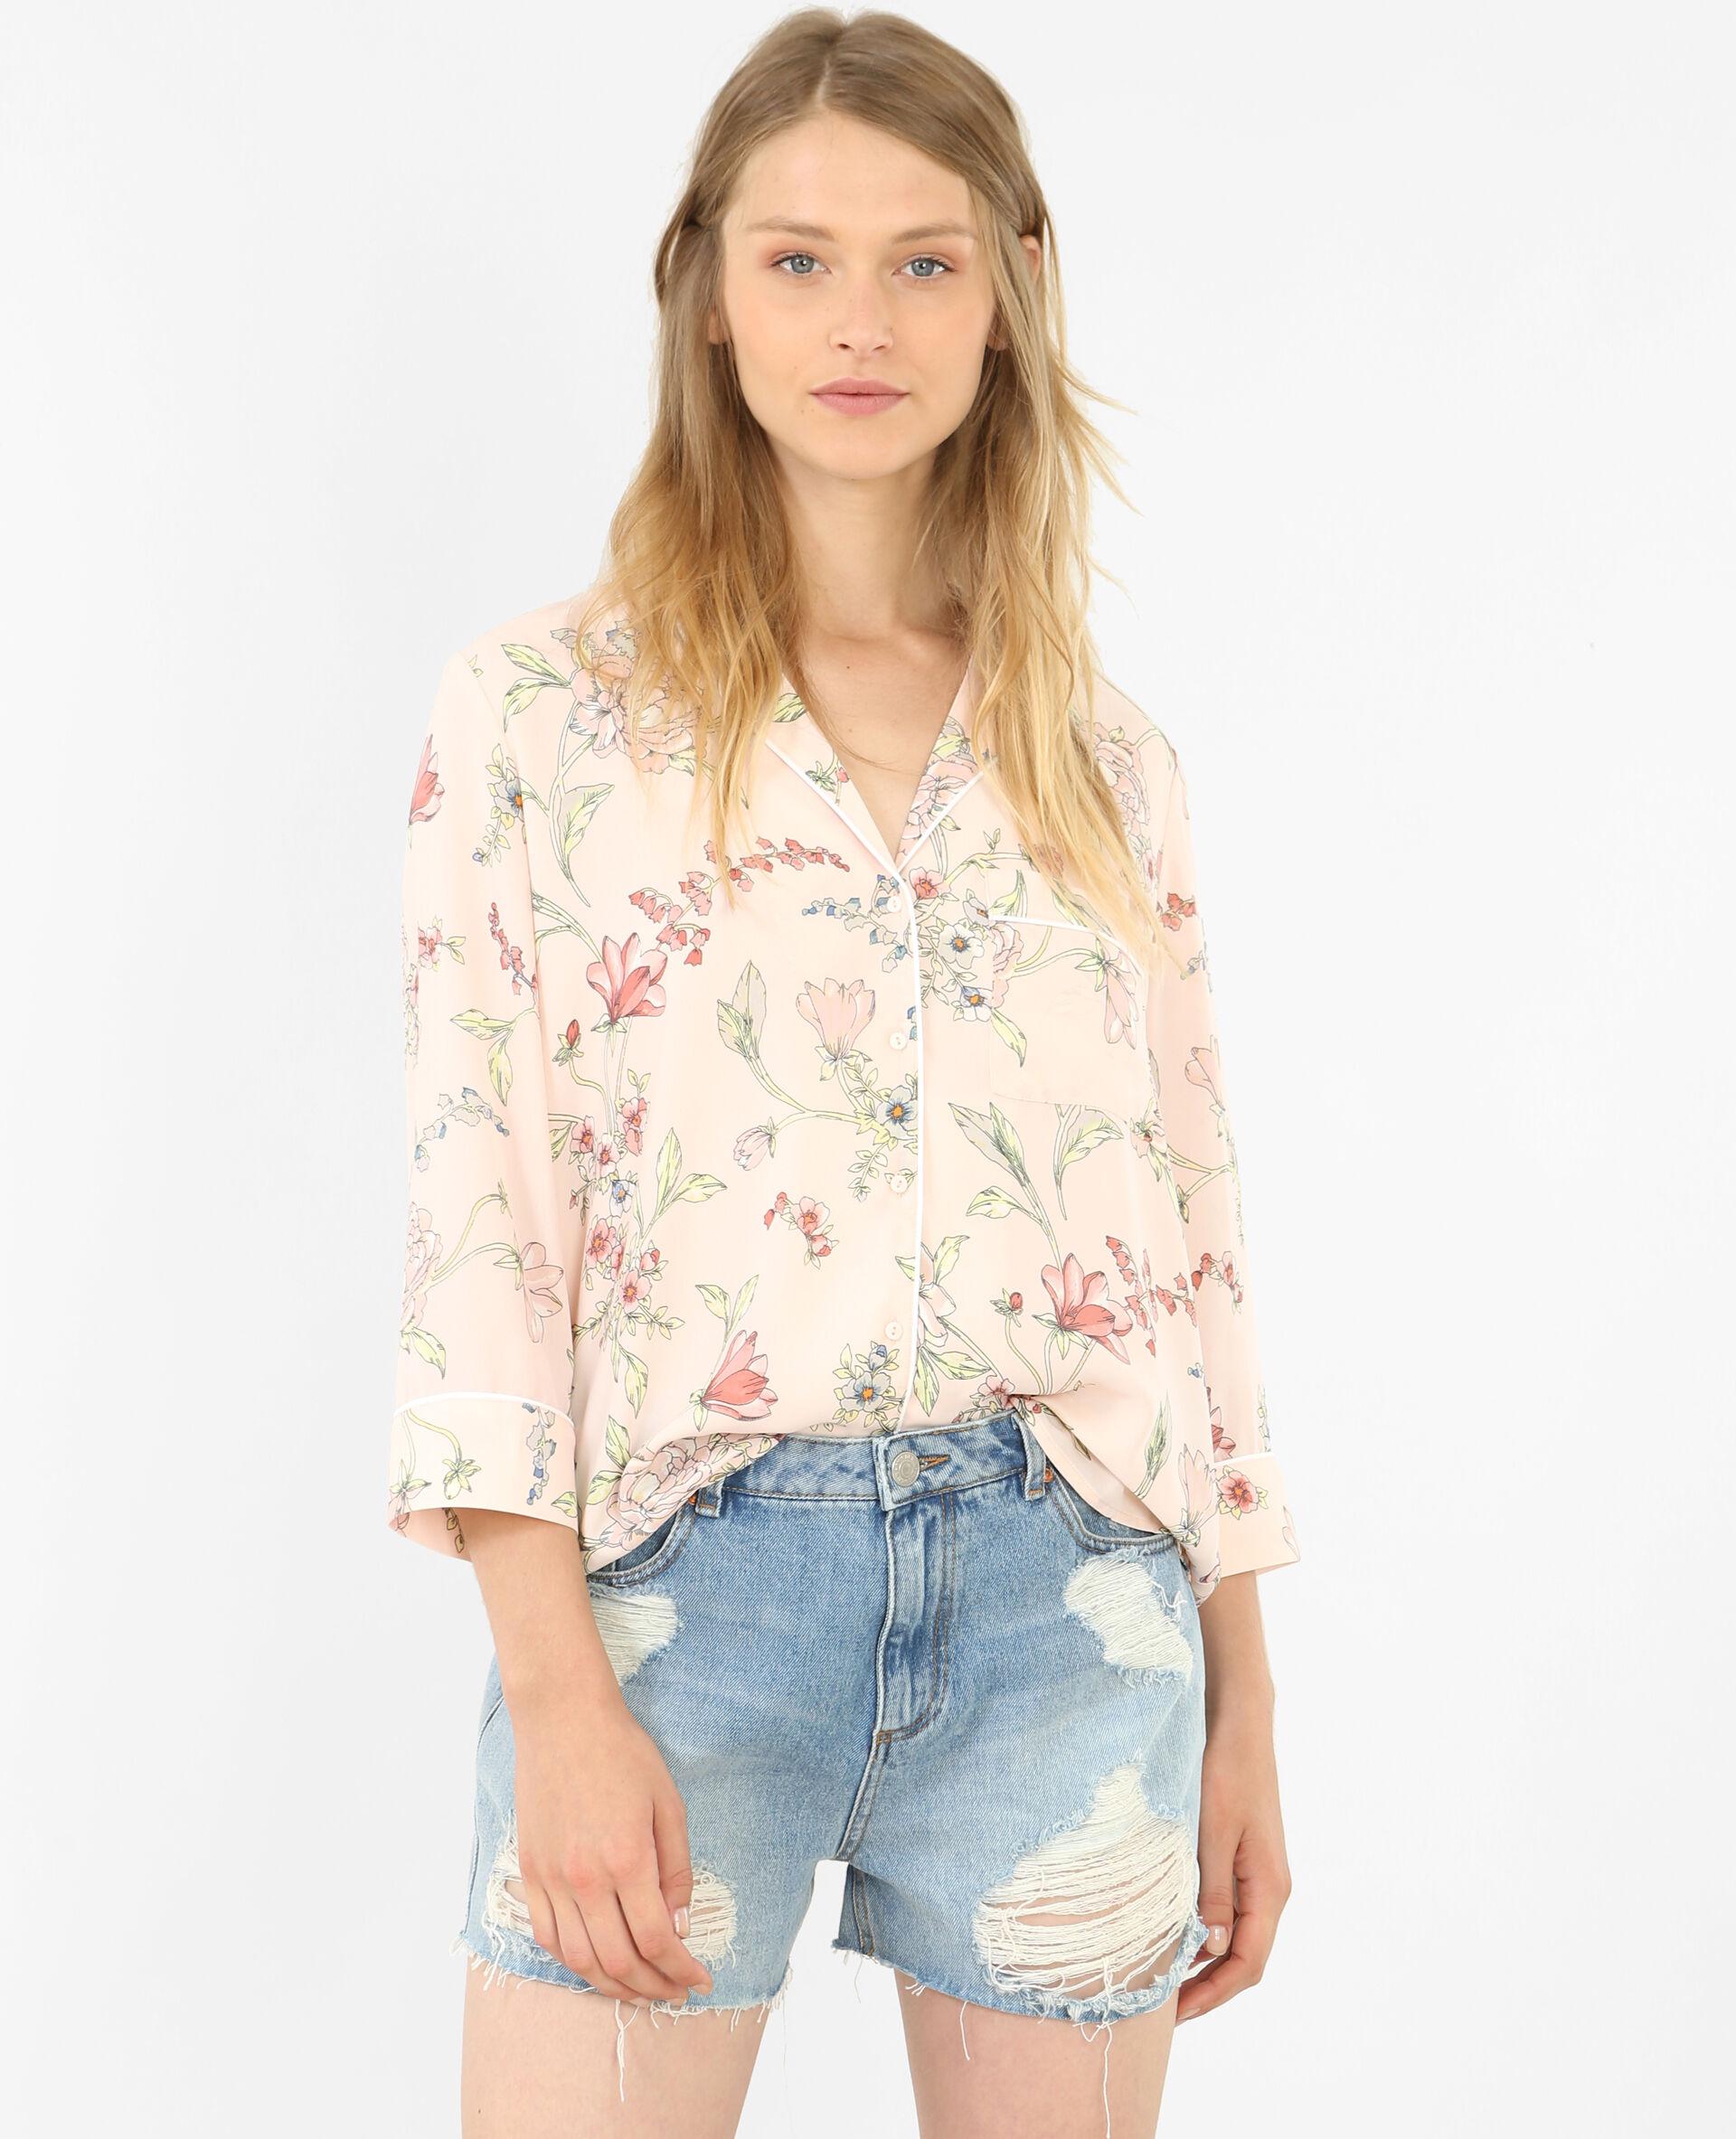 Chemise style pyjama fleurie rose pâle